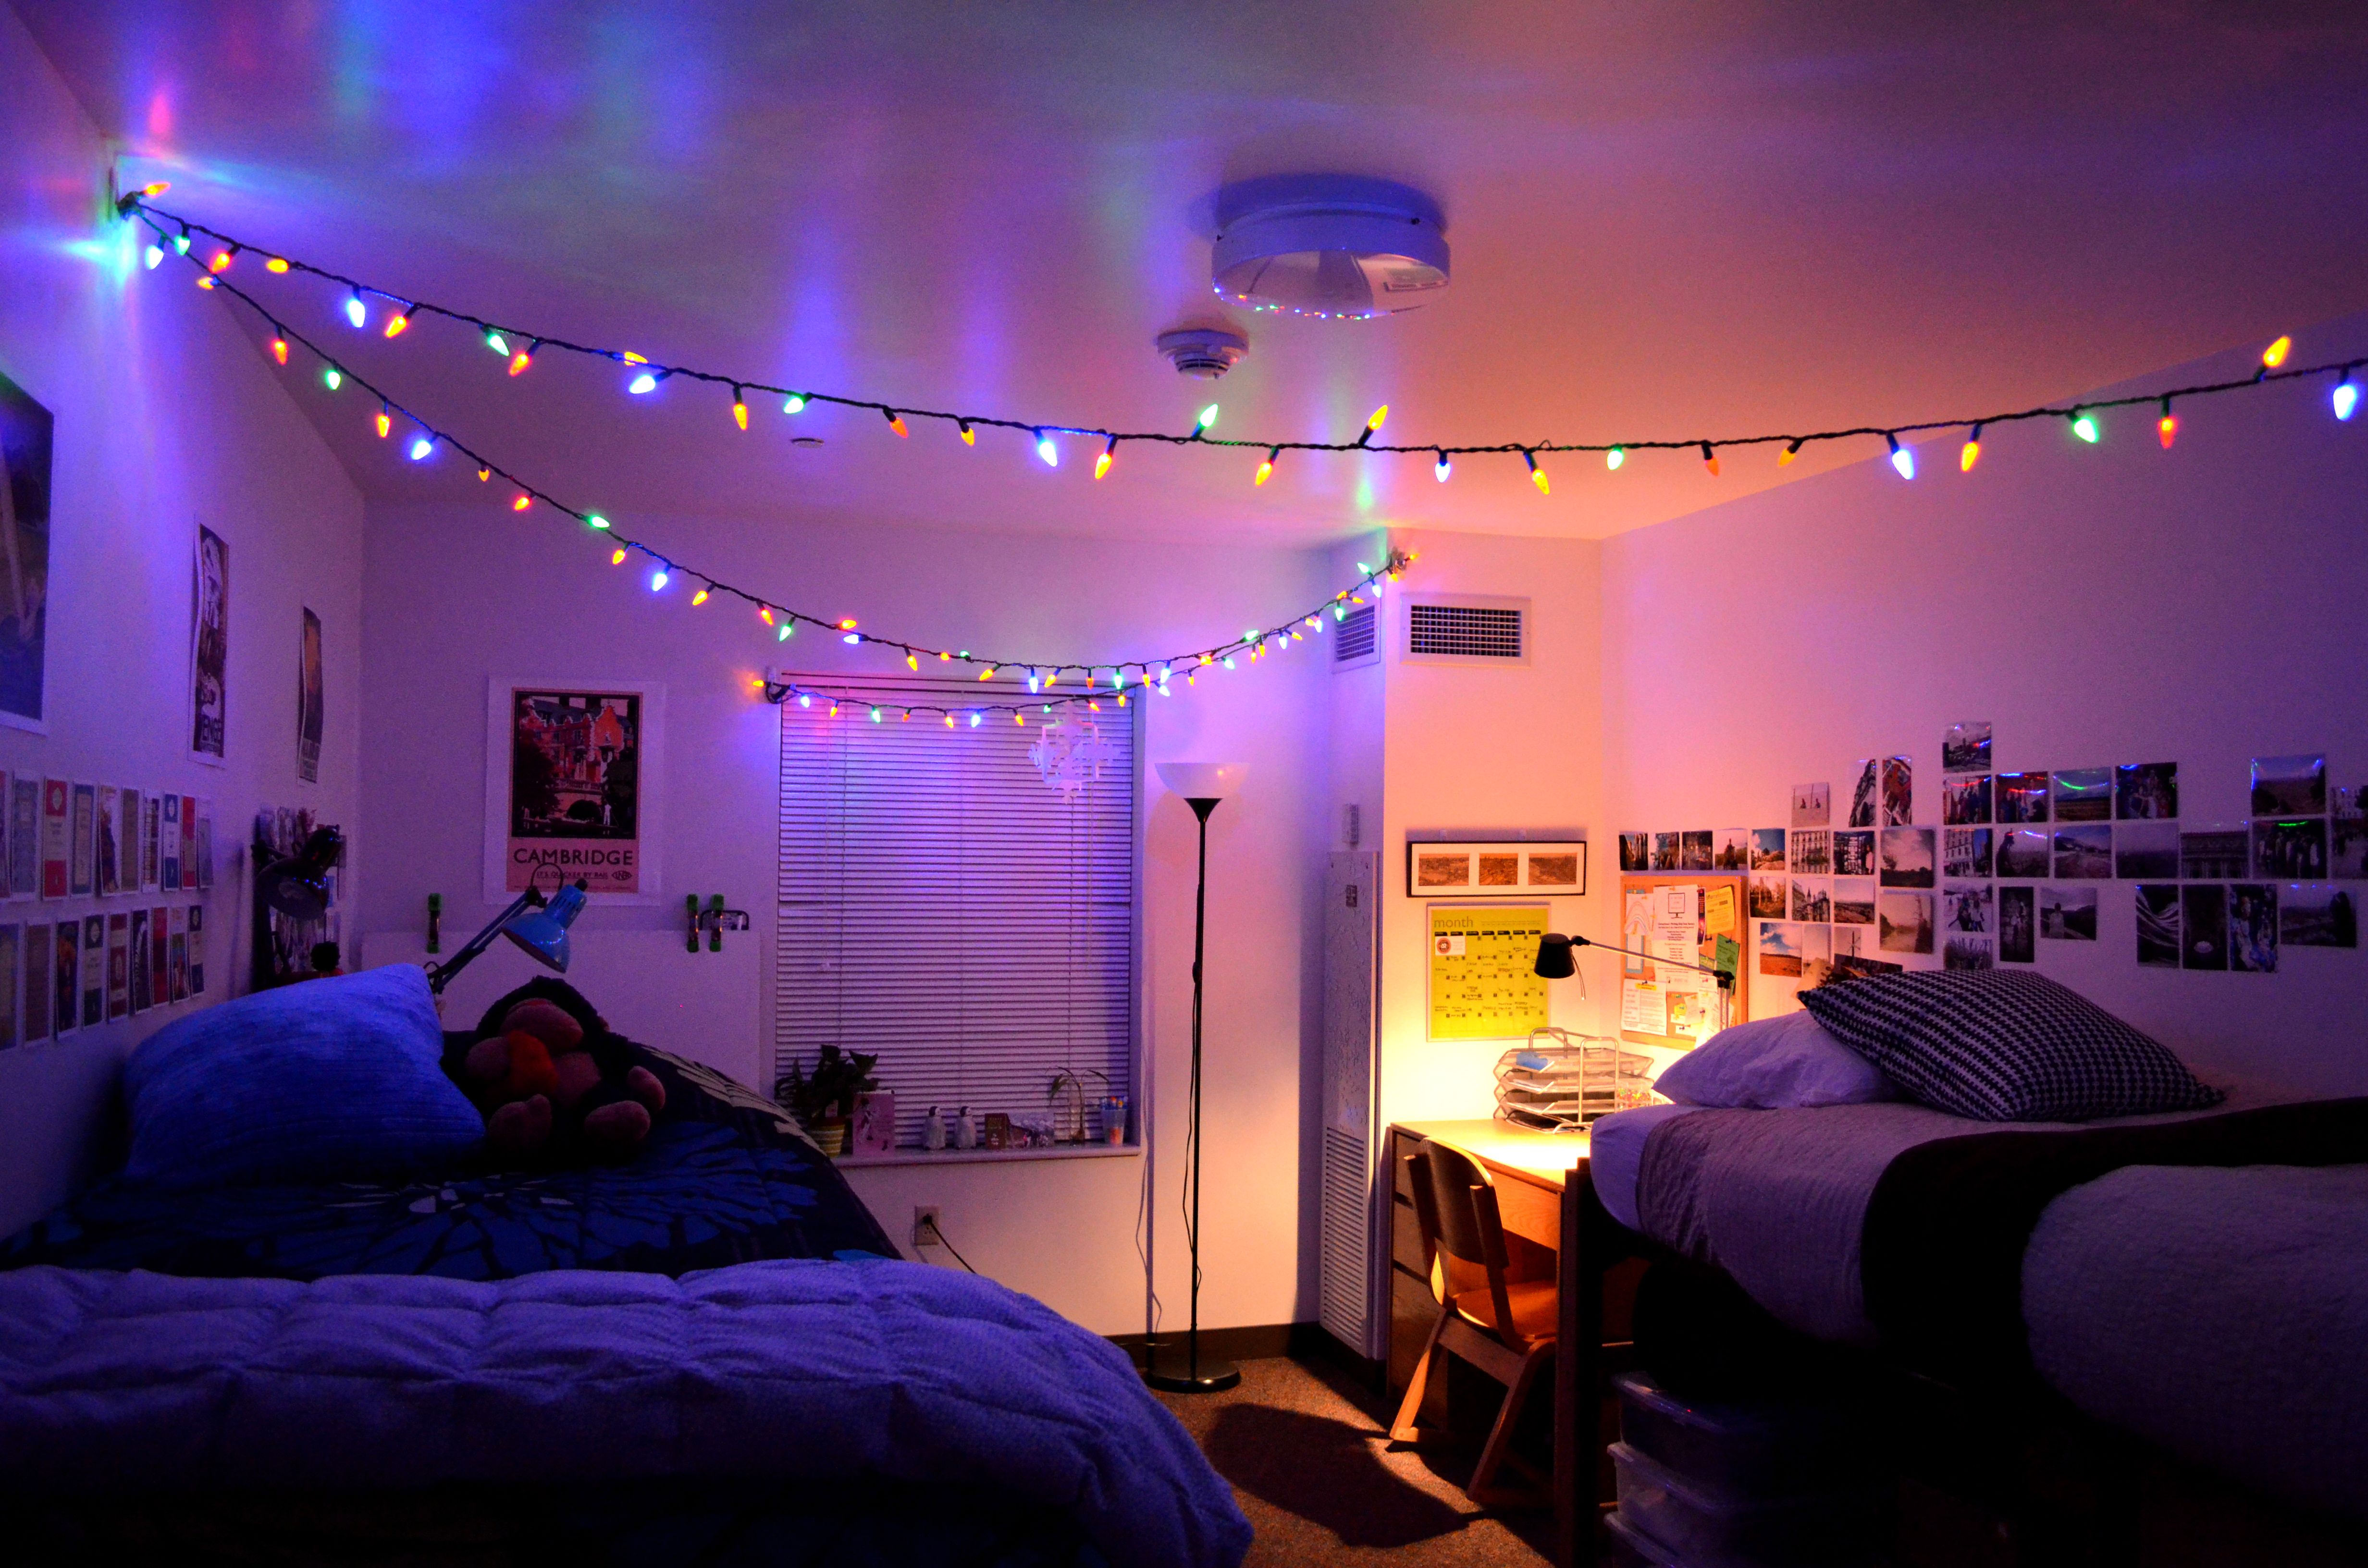 Best String Lights For Dorm Rooms : Dorm wustladmissionsanastasia